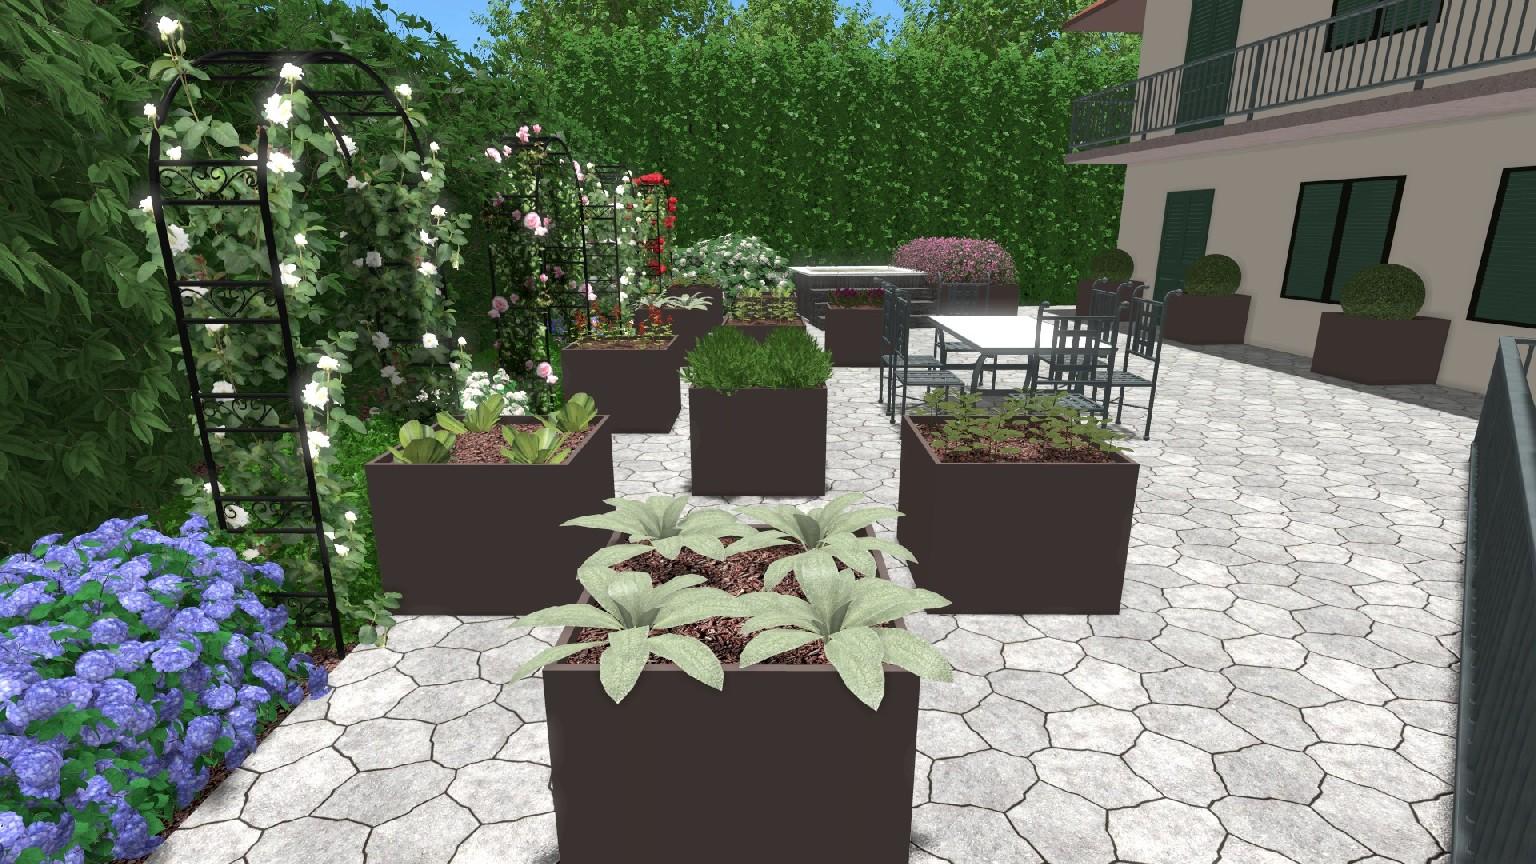 Progettazione-di-giardino-a-Firenze-6